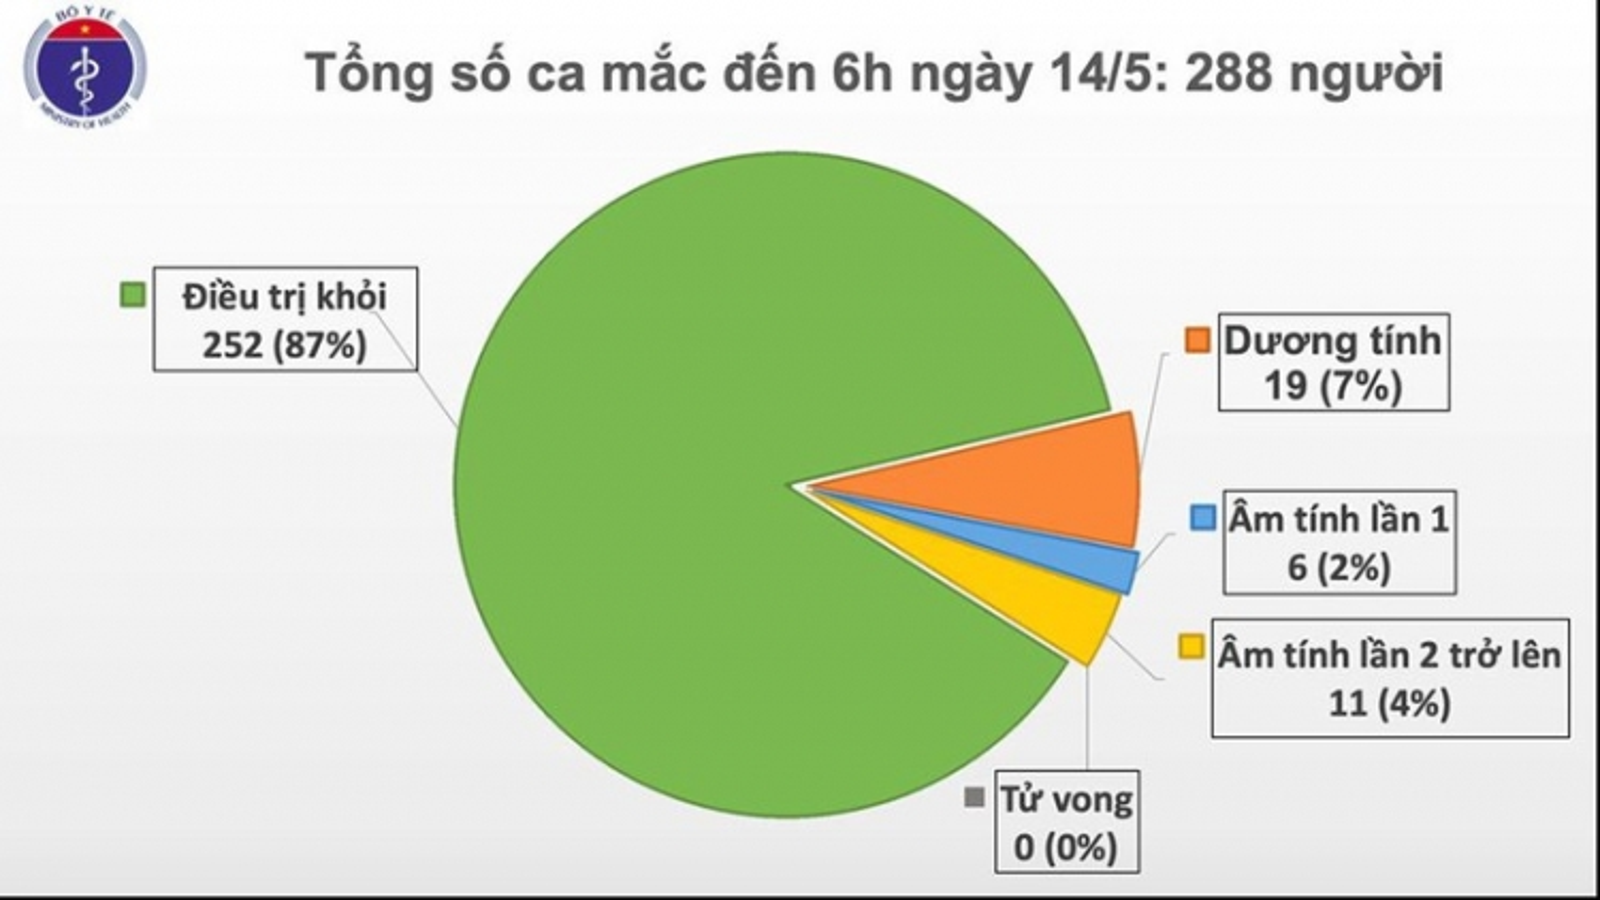 28 ngày Việt Nam không có ca mắc Covid-19 trong cộng đồng